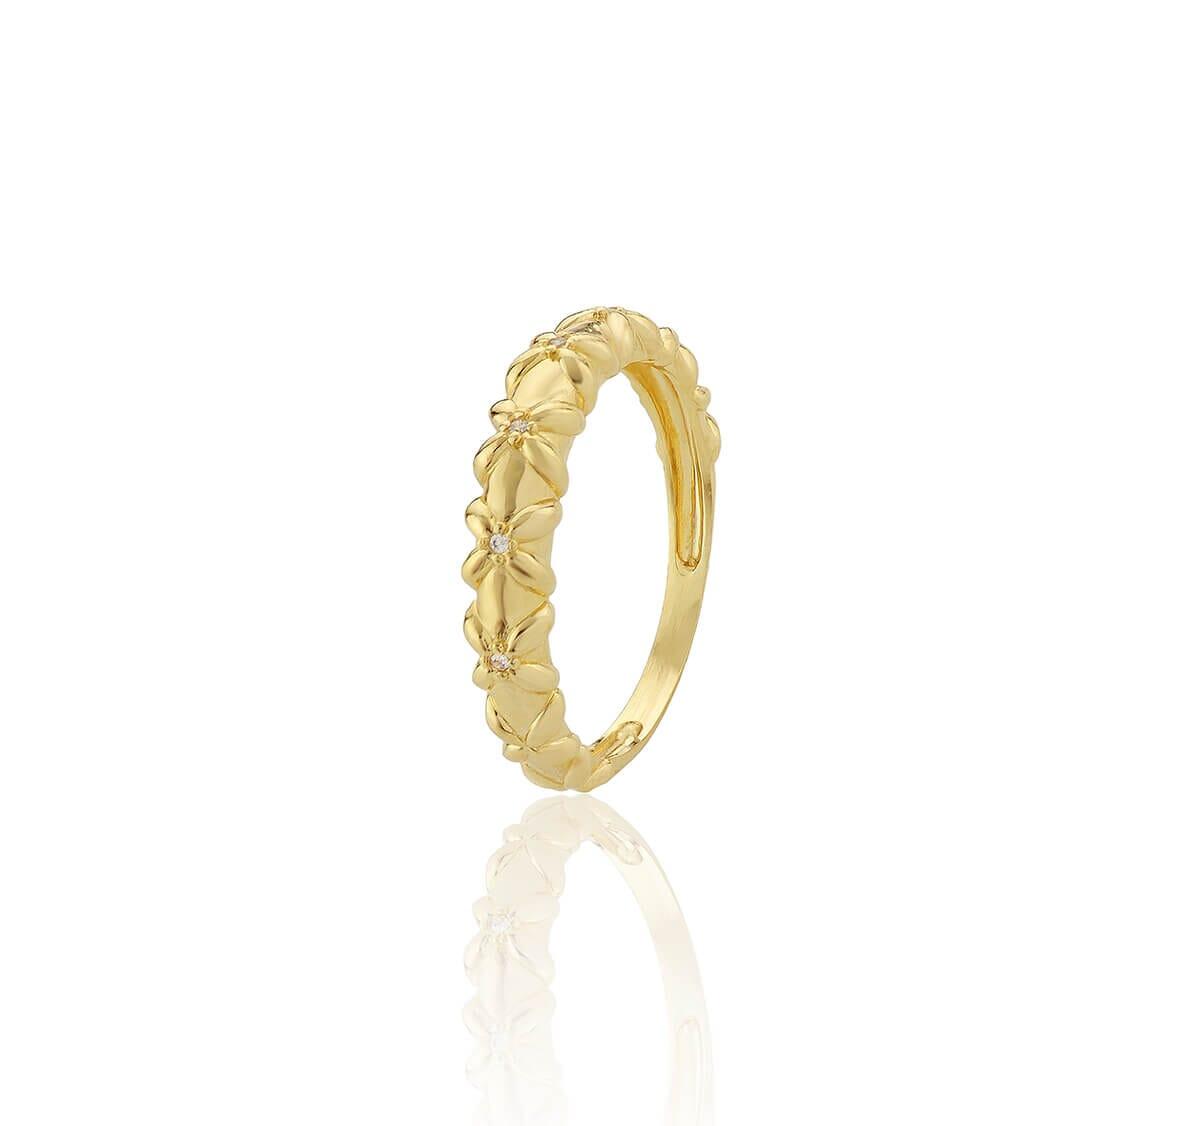 Anel Floral Folheado a Ouro 18k cravejado com zircônias